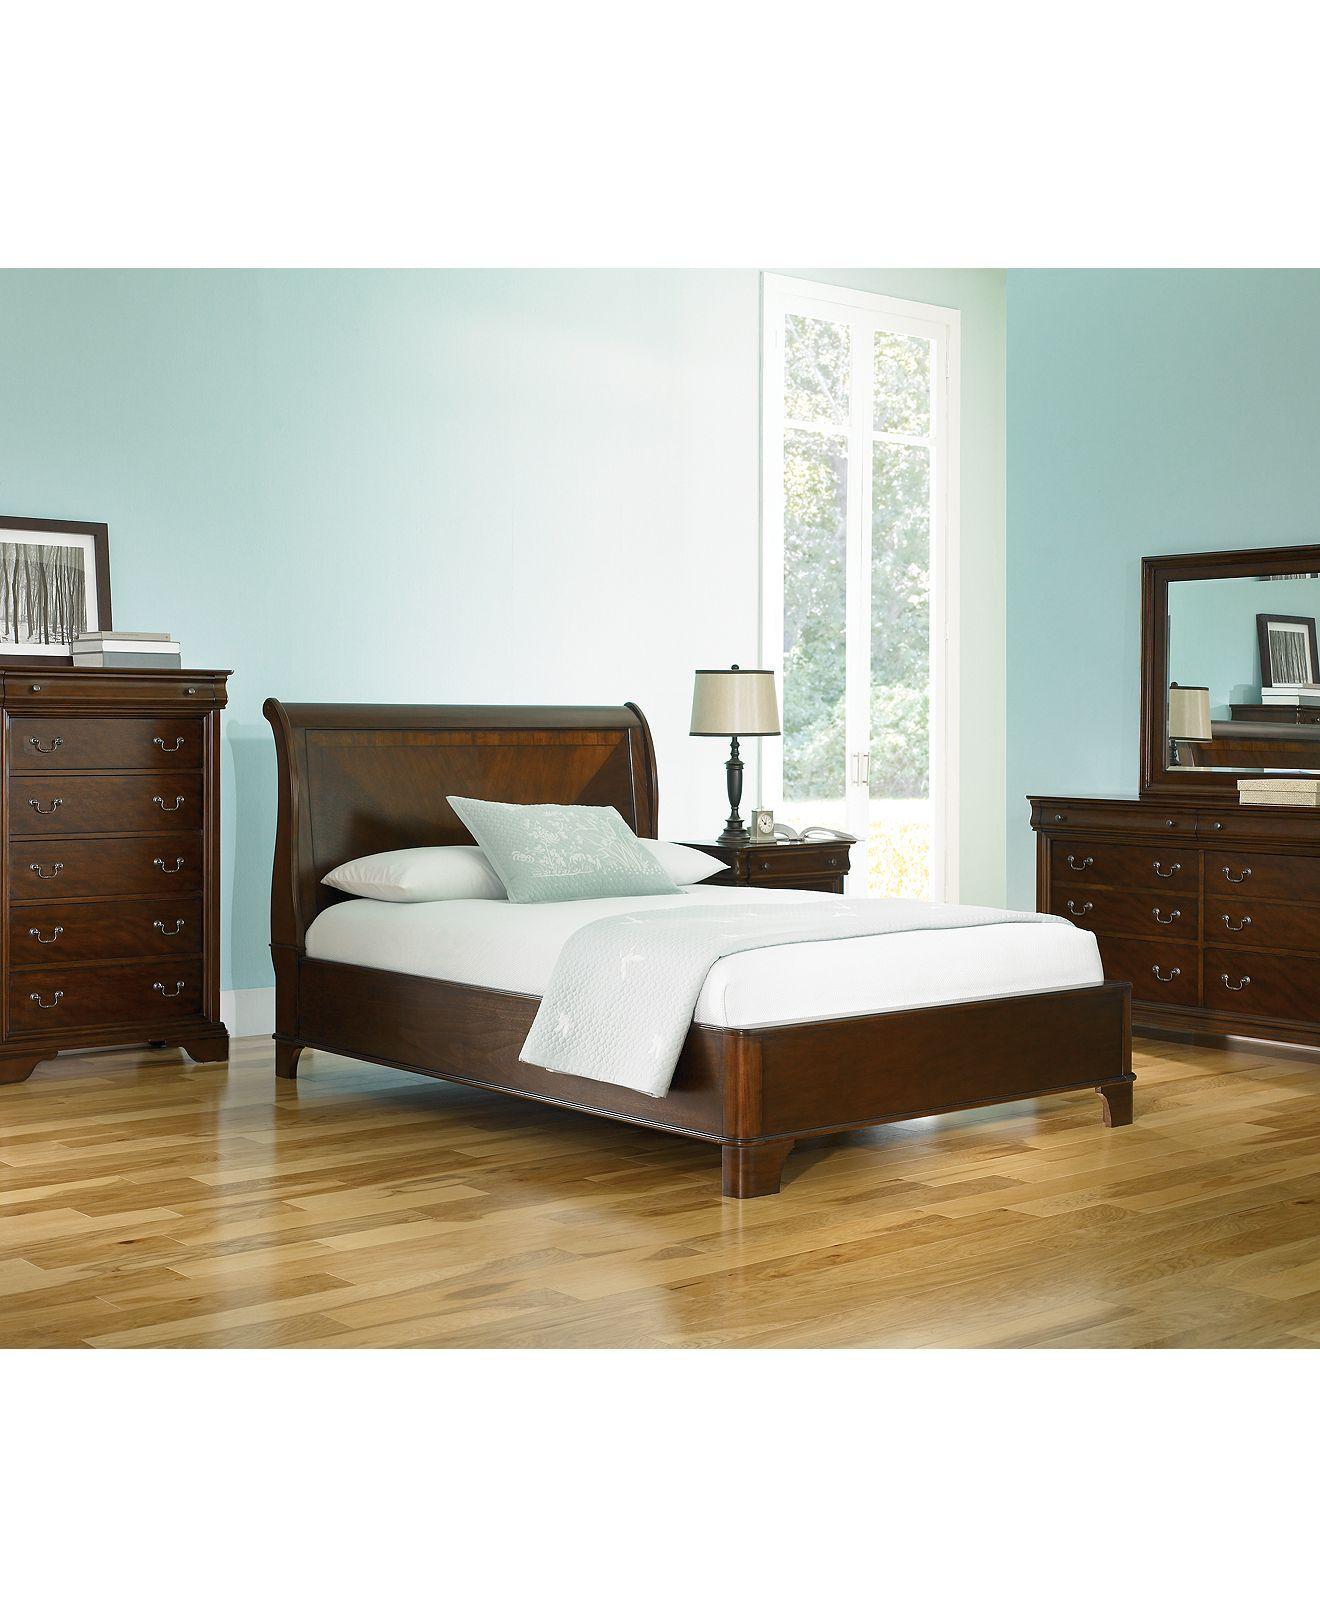 Macys DuBarry   Bedroom Set   Macys bedroom furniture ...